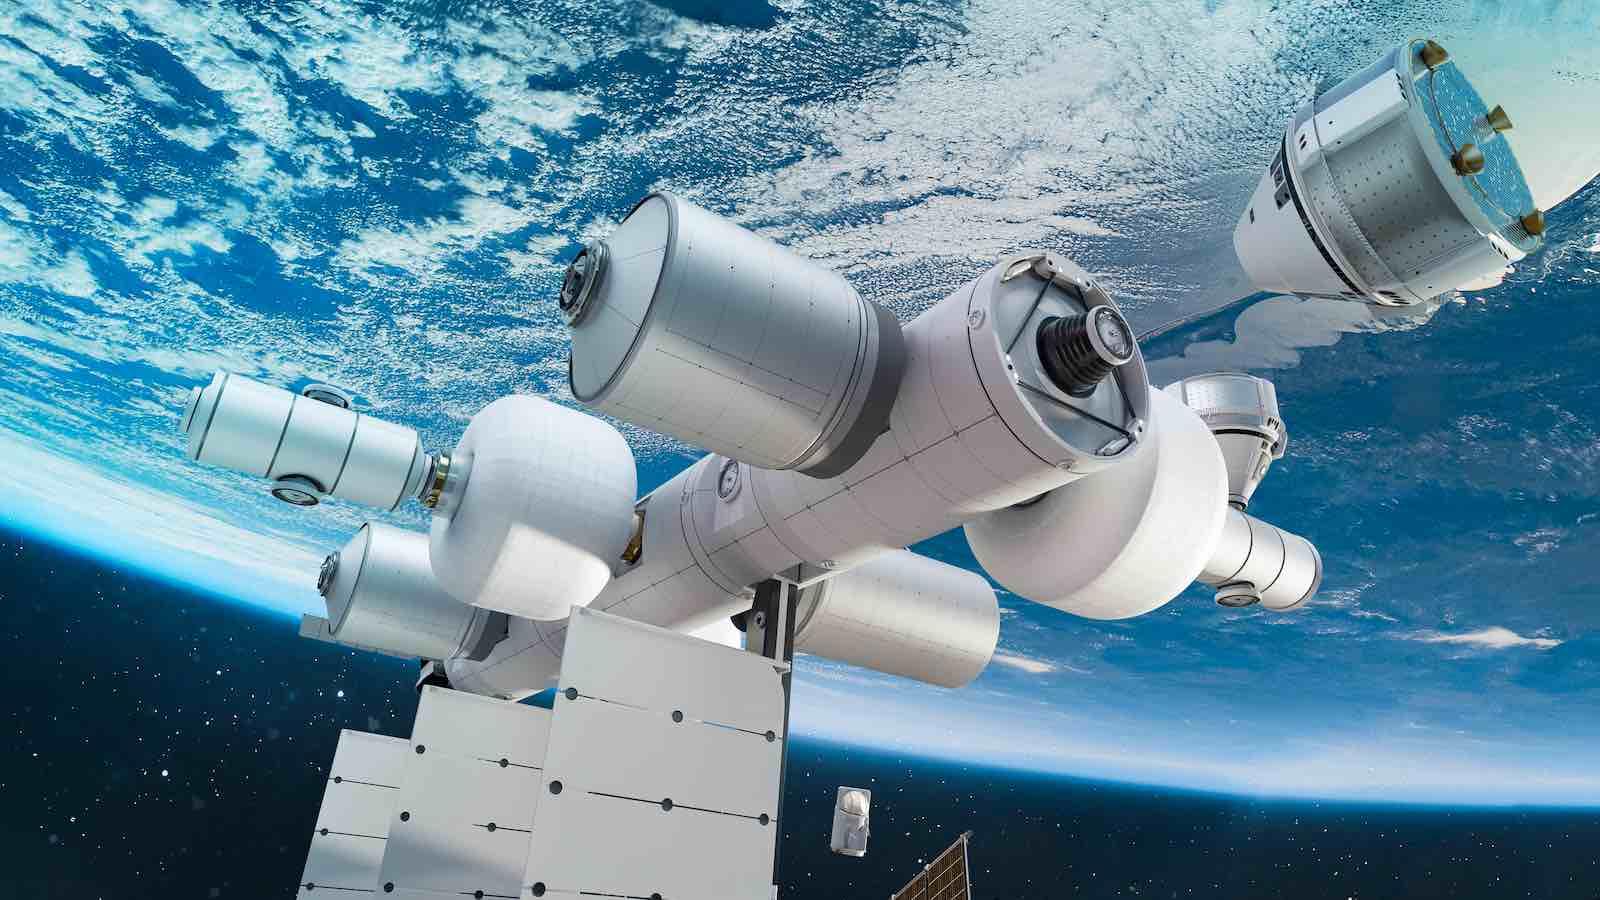 Jeff Bezos anunció sus planes de construir la estación espacial privada Orbital Reef; además de acoger a turistas ricos también servirá como centro de negocios